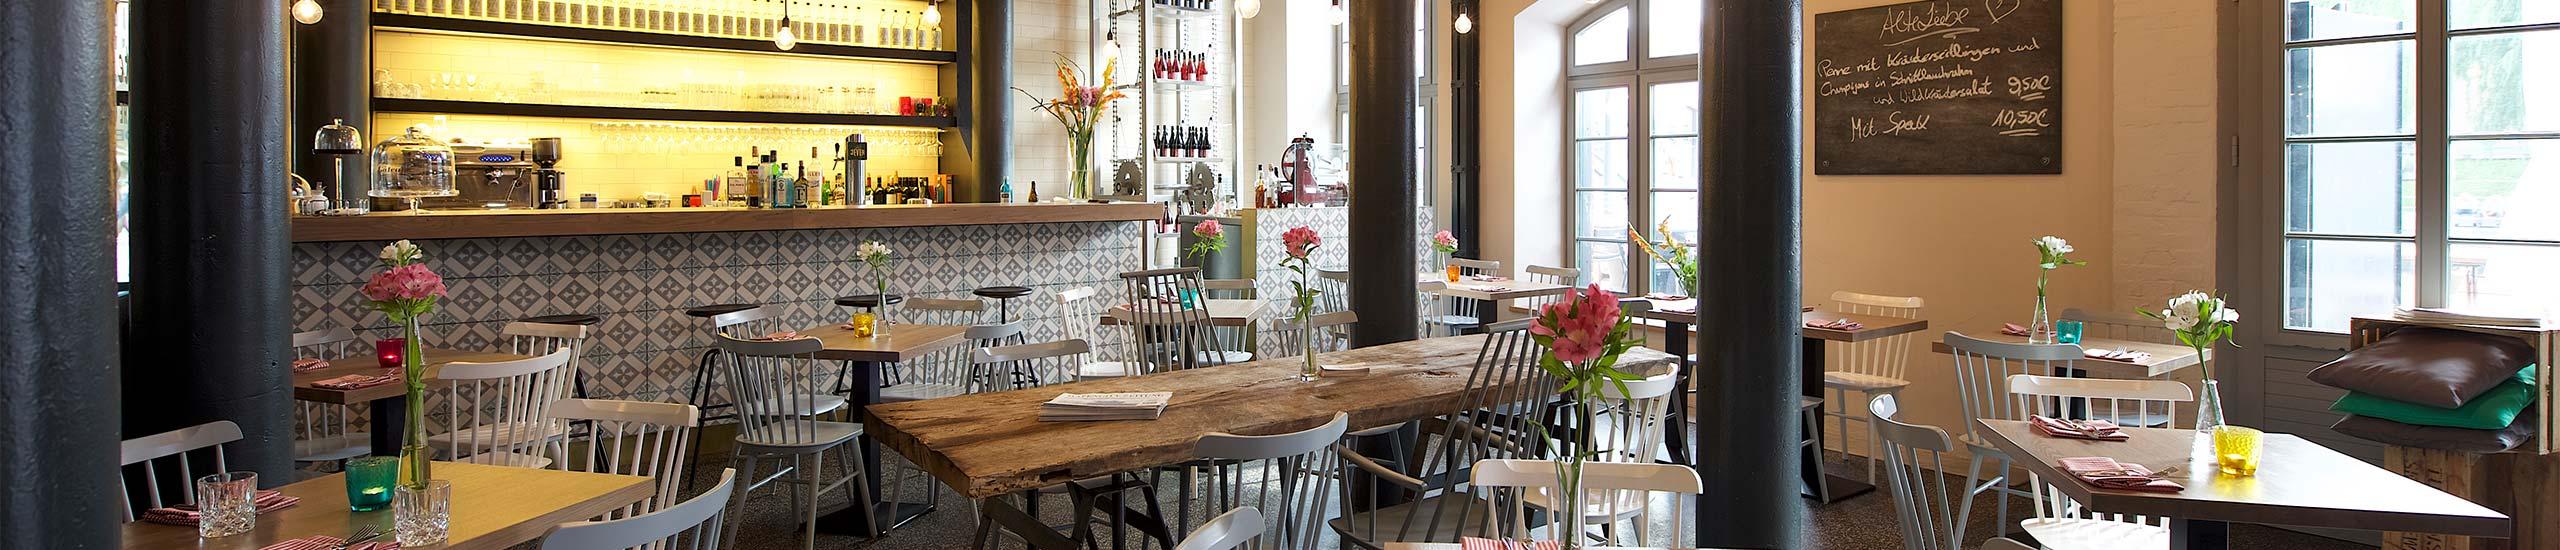 Alte Liebe Restaurantansicht - Tische und Stühle